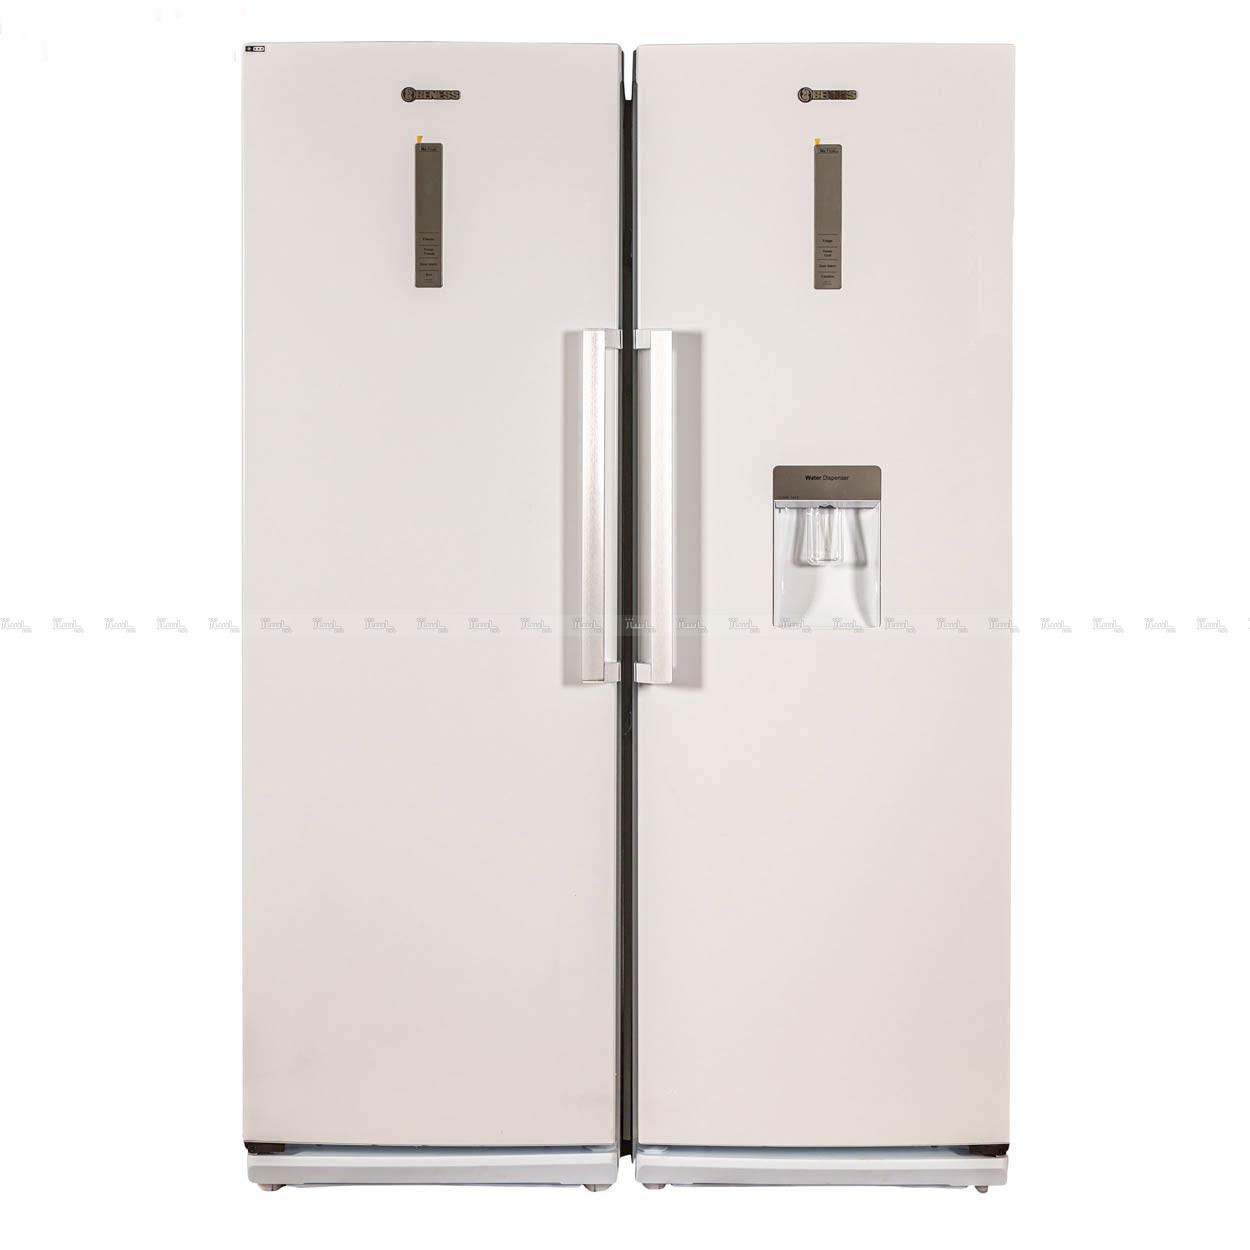 یخچال و فریزر دوقلو بنس مدل D4i-تصویر اصلی